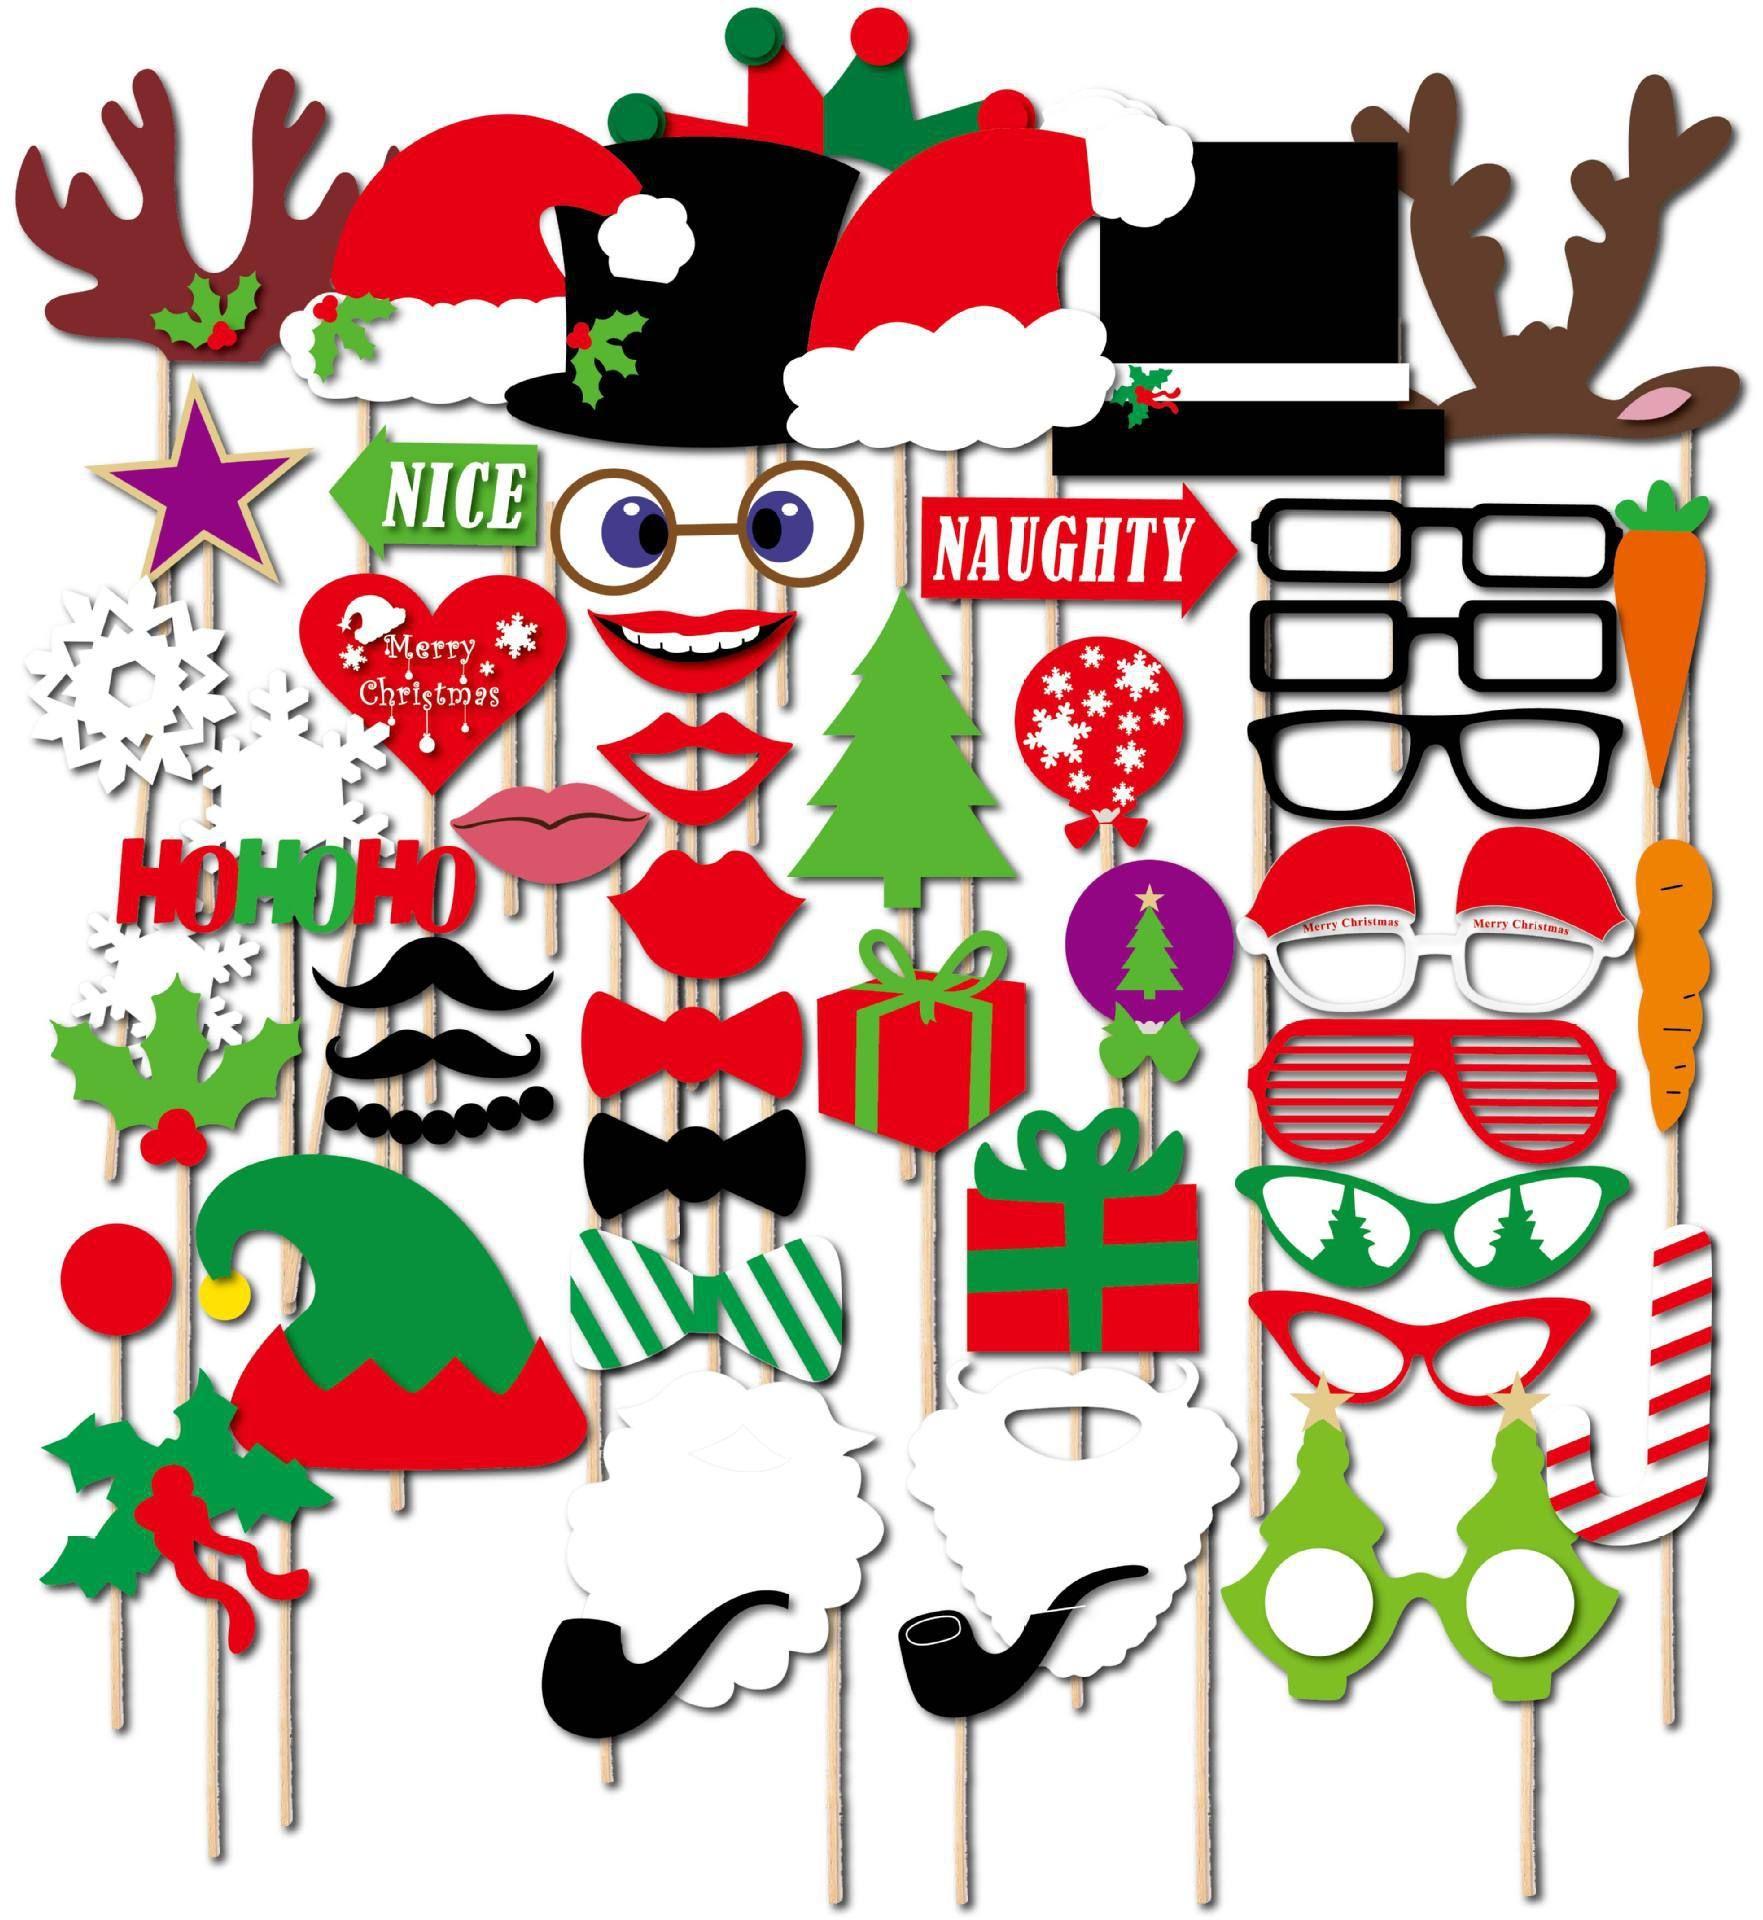 50pcs um conjunto de Natal decorações adereços foto representados graficamente barba engraçado modelagem